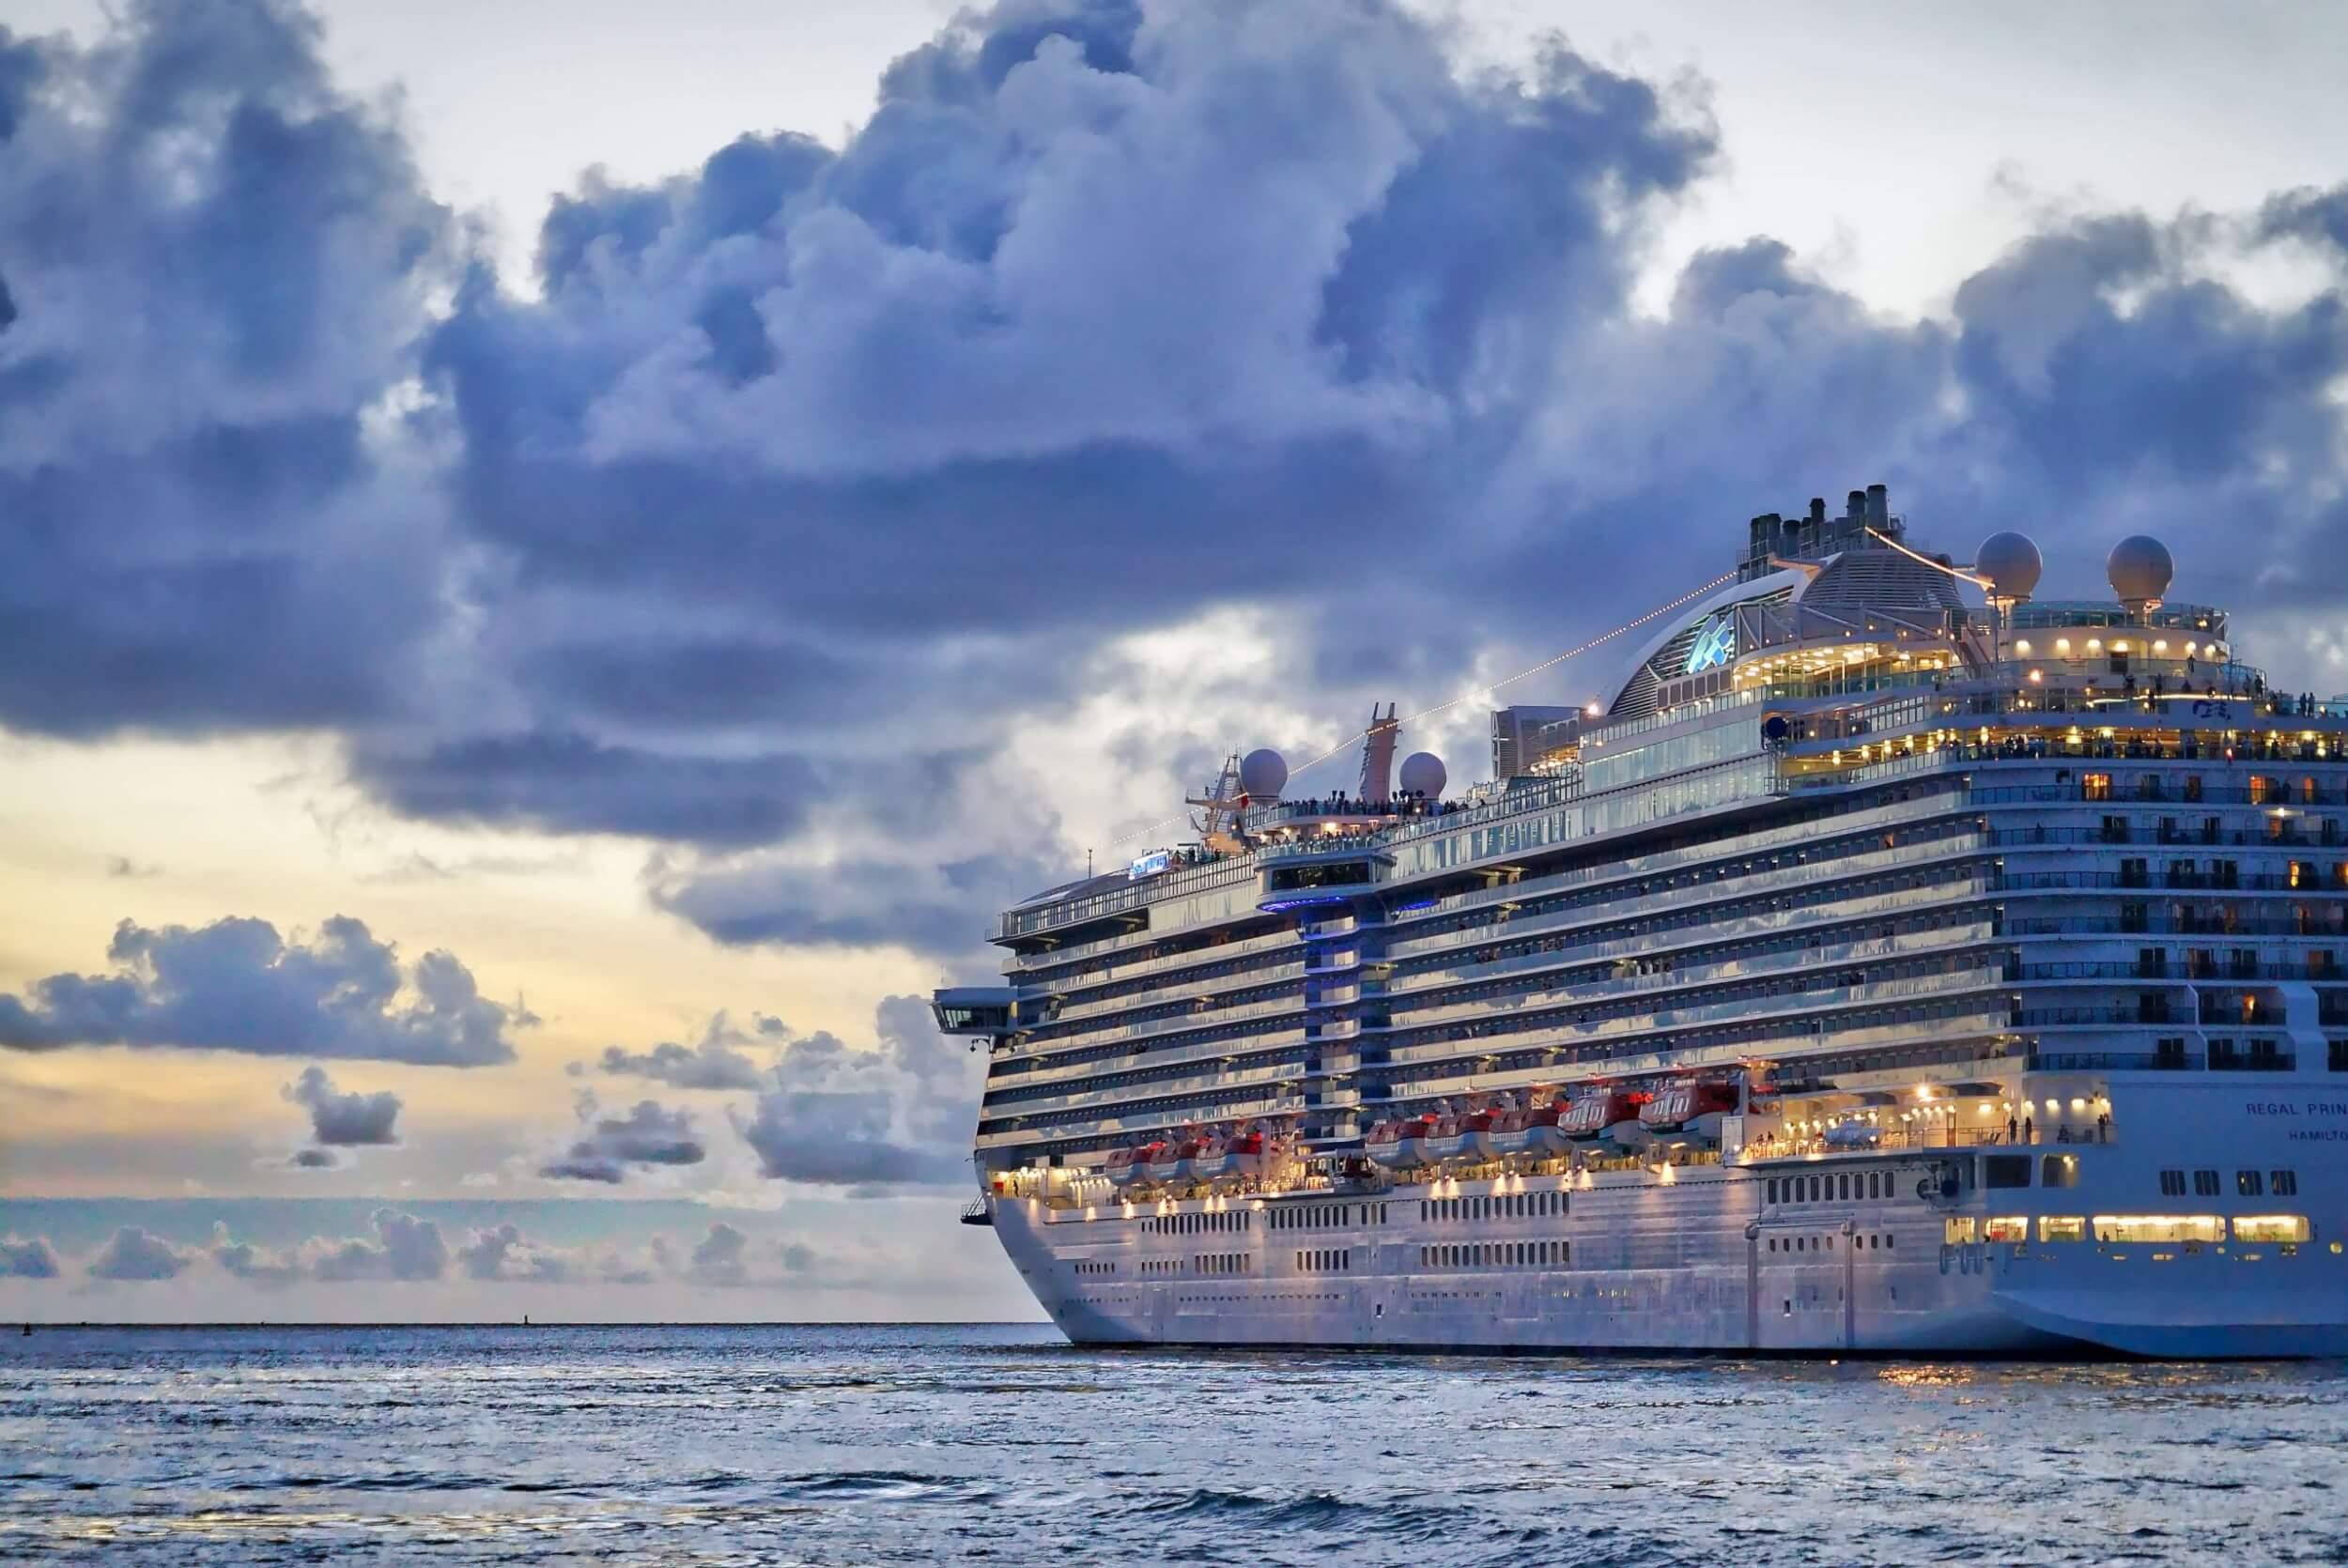 Peter Hansen Cruise Ship Photo